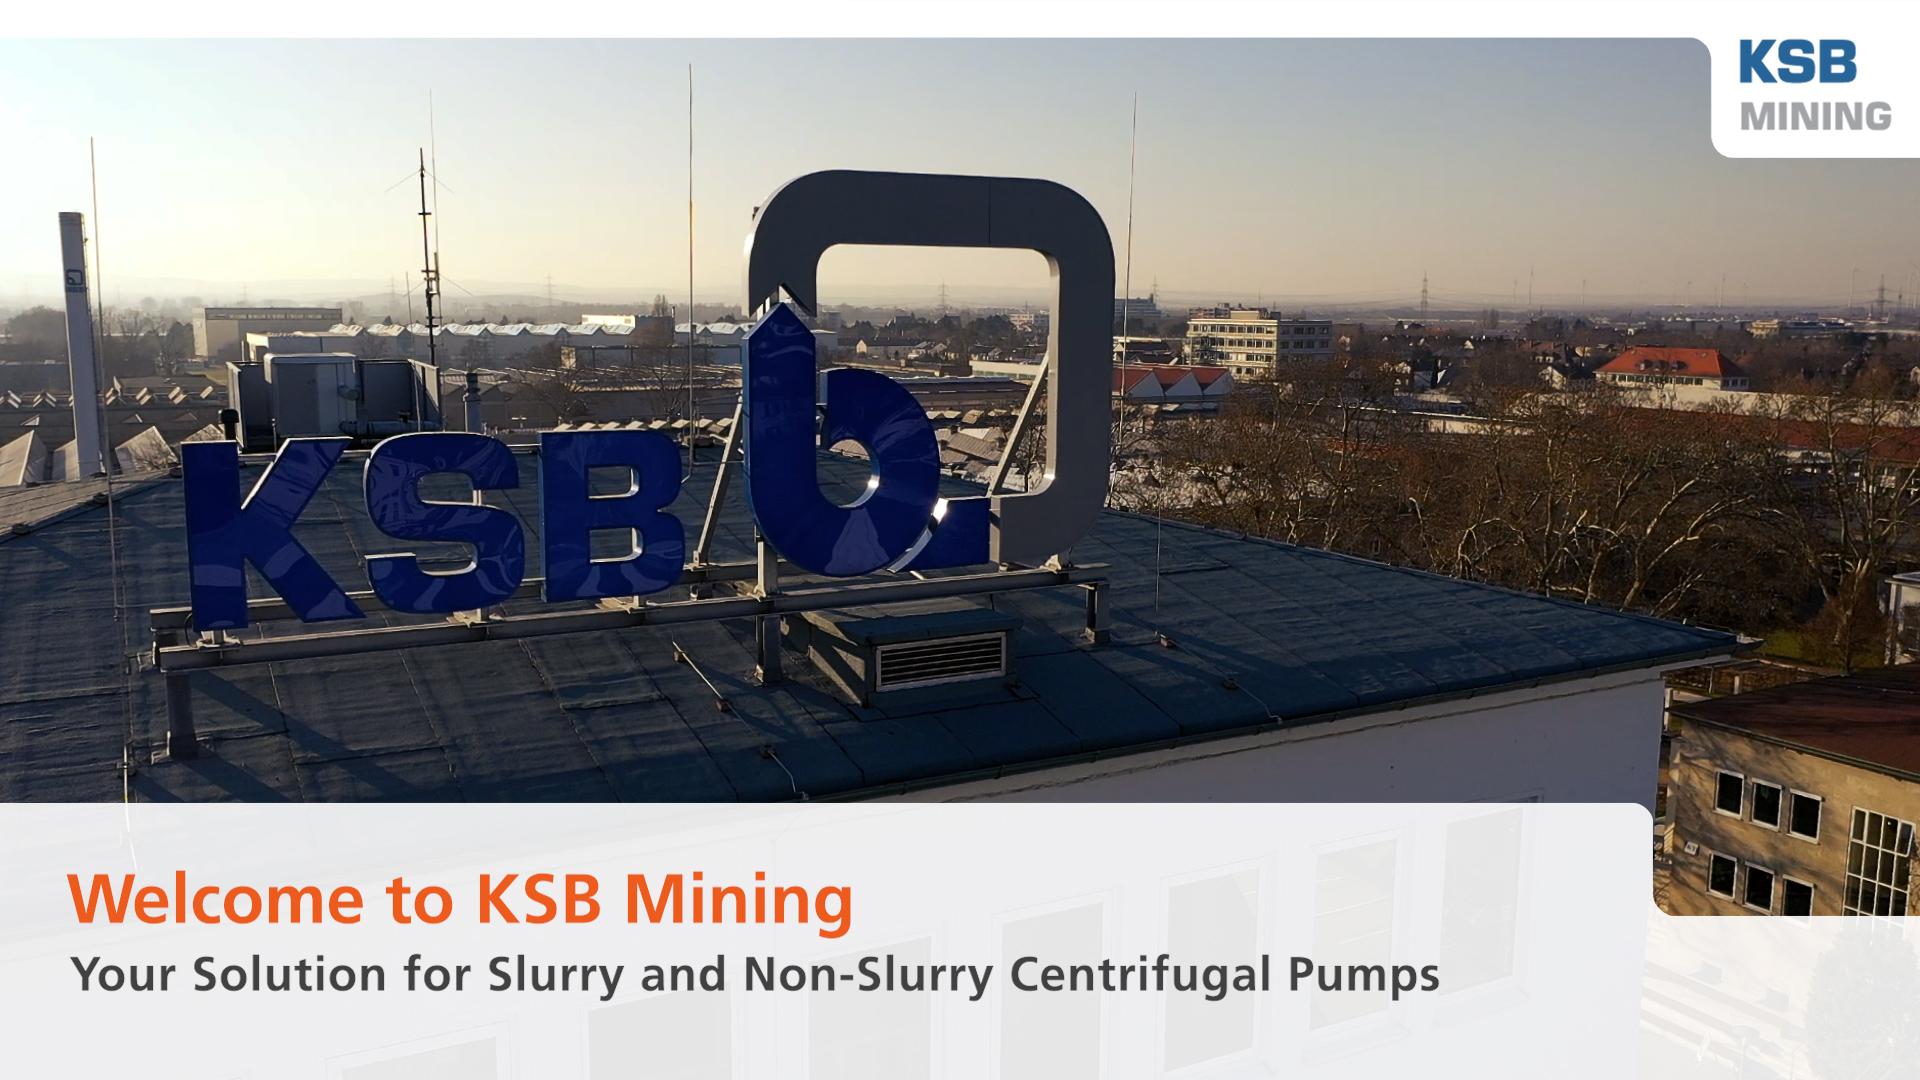 Intro to KSB Mining